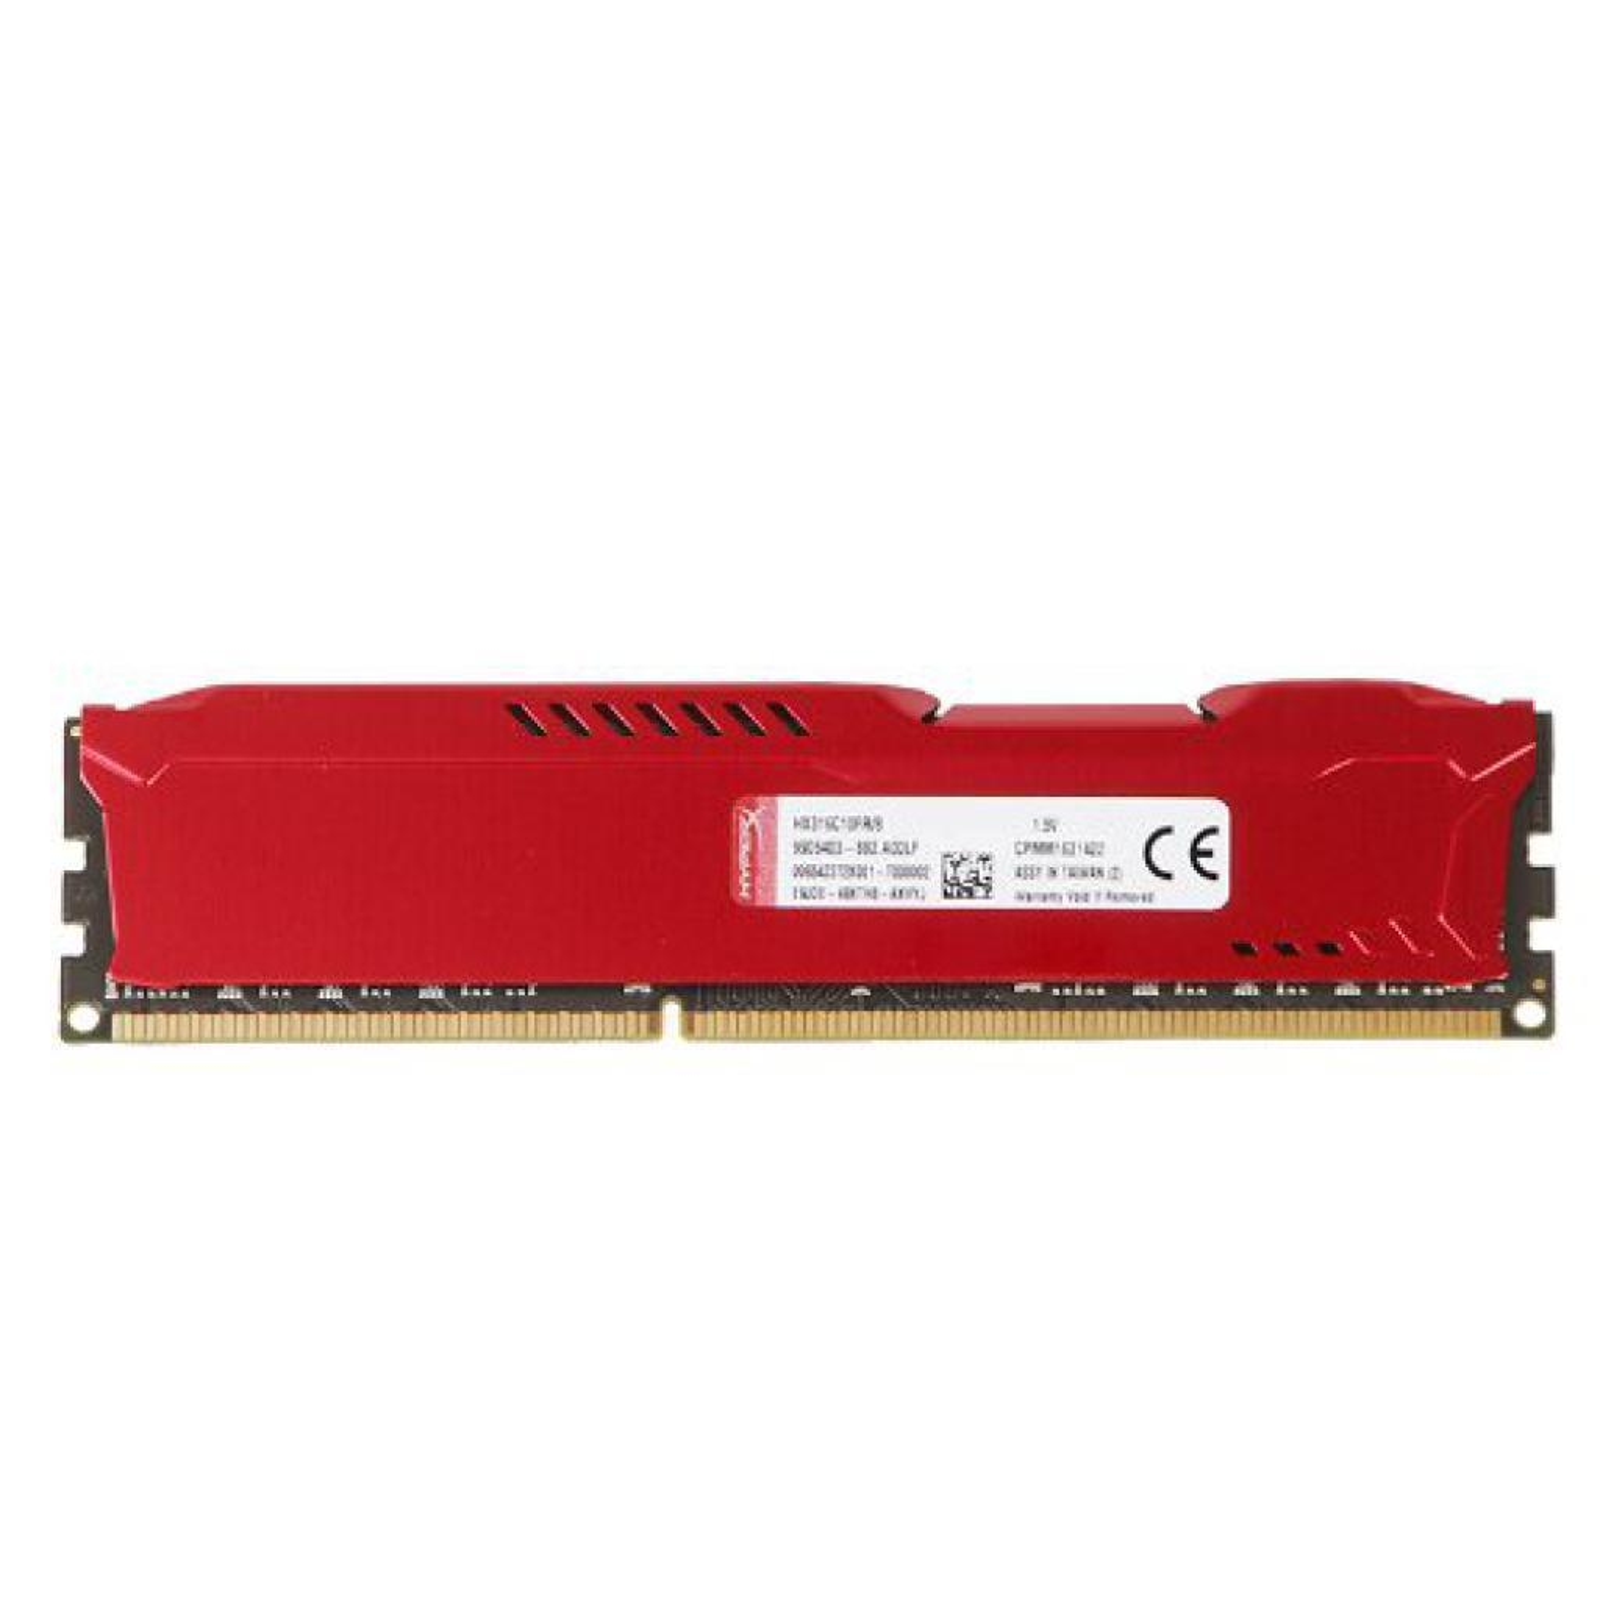 Модуль памяти для компьютера DDR4 16GB 3200 MHz HyperX FURY Red HyperX (Kingston Fury) (HX432C18FR/16) изображение 4